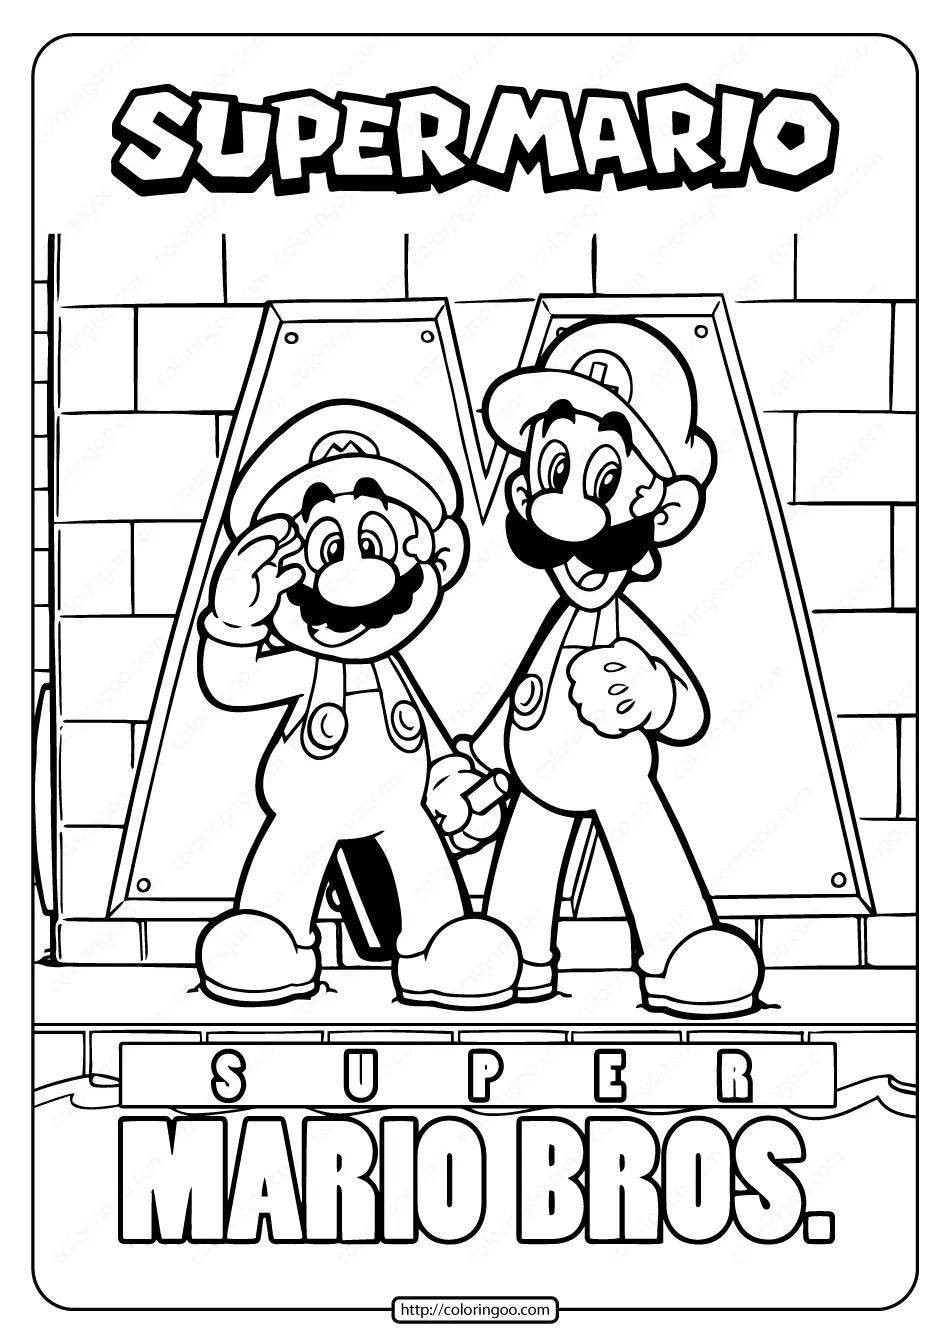 Free Printable Super Mario Bros Coloring Page